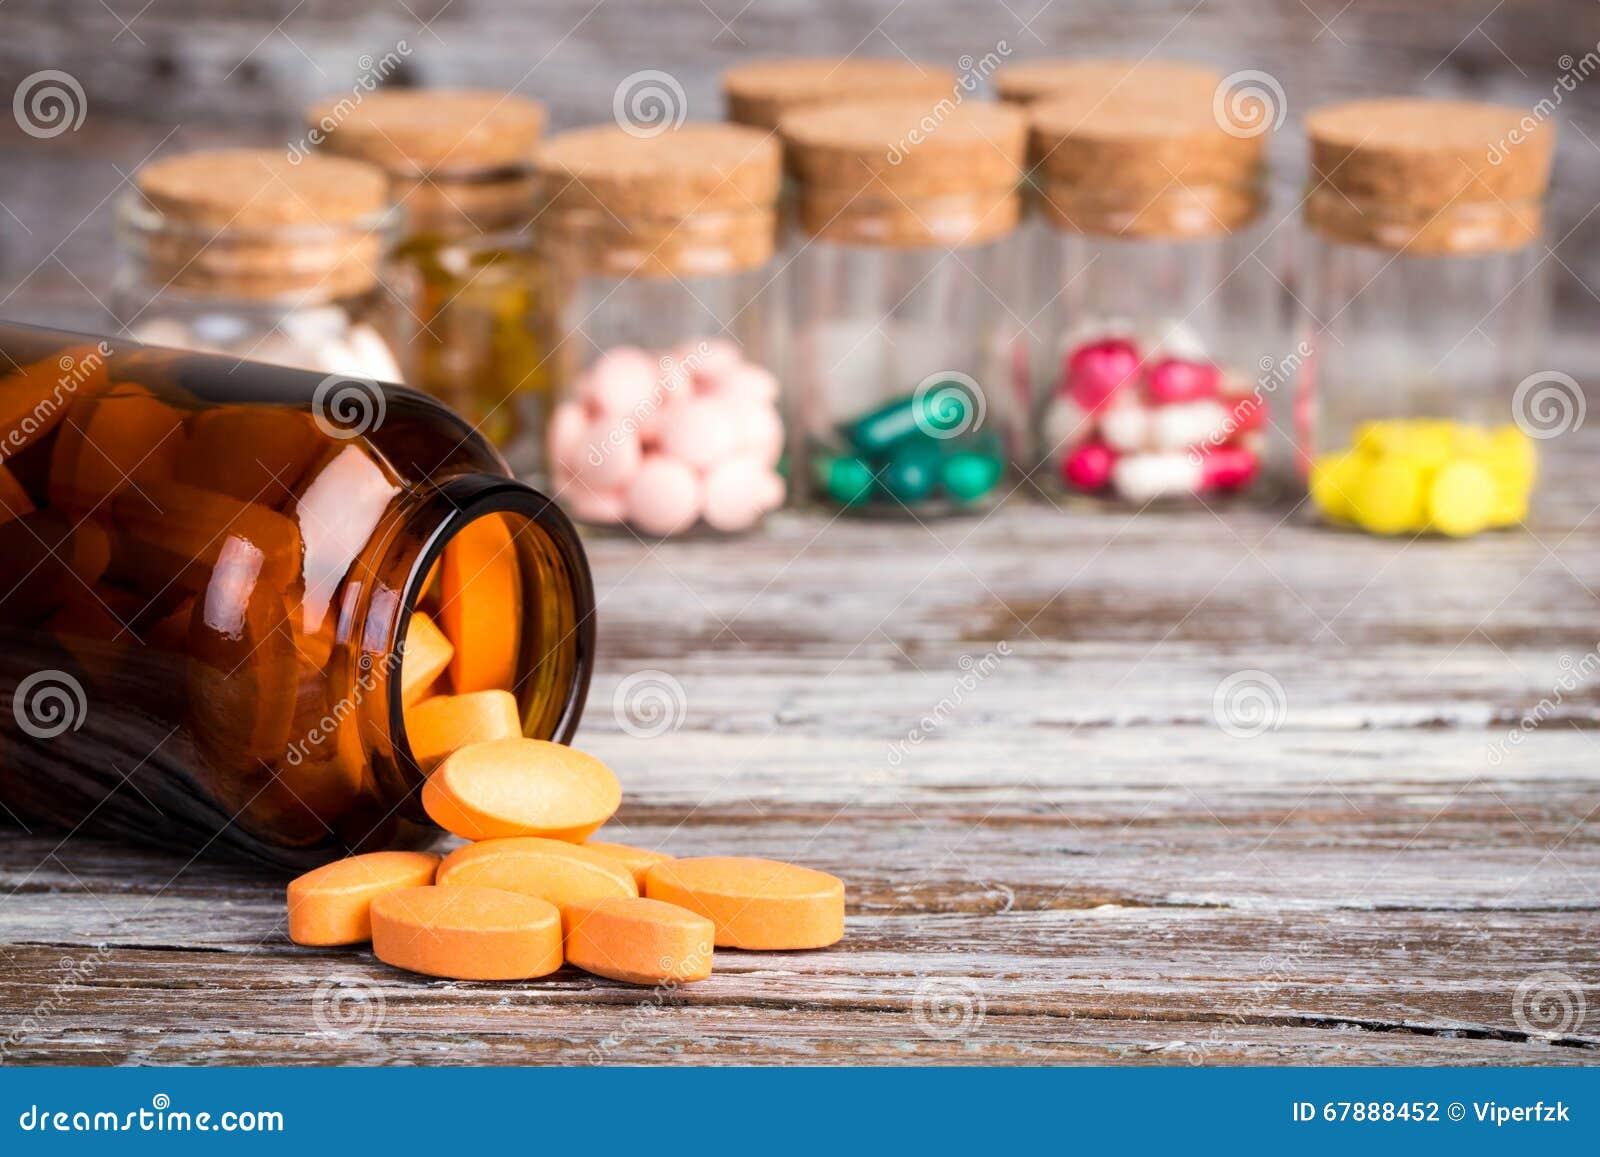 在玻璃容器的橙色药片有其他药片的在背景中